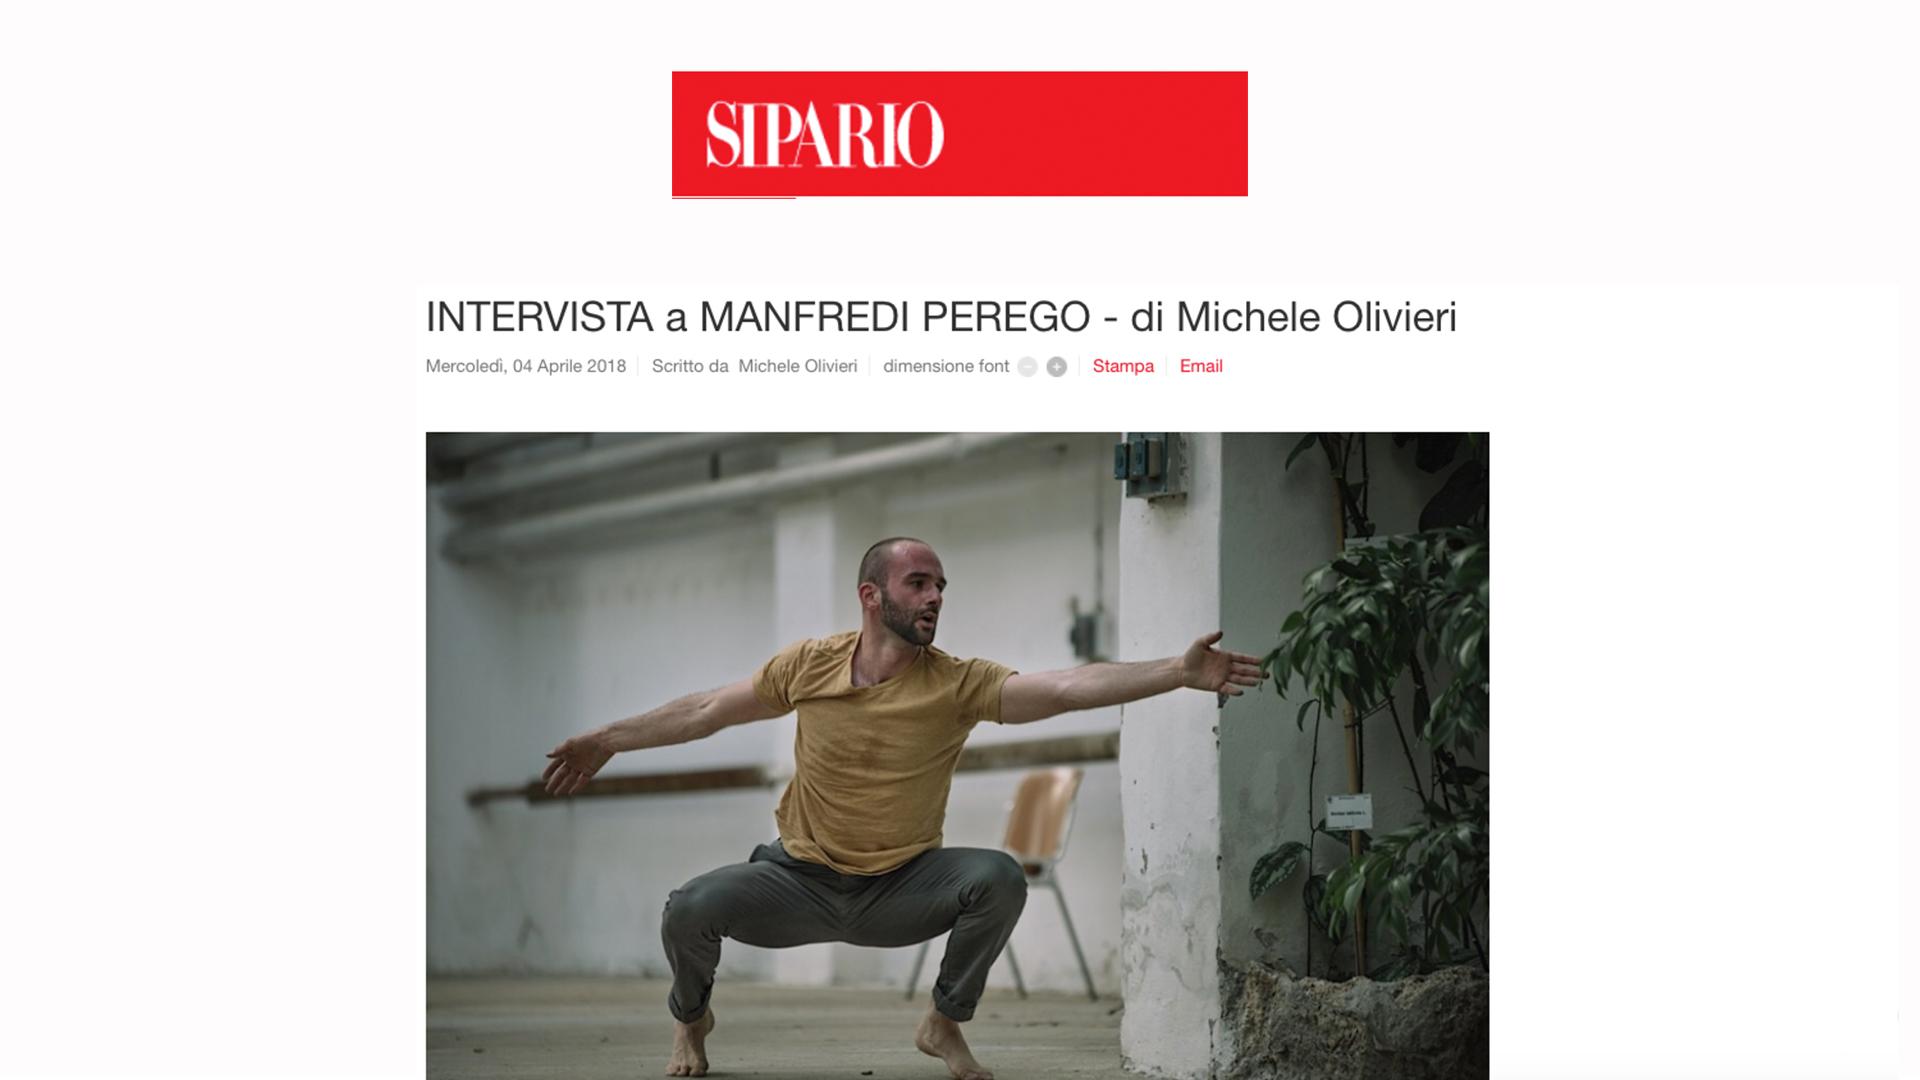 Intervista a Manfredi Perego / SIpario / Michele Olivieri